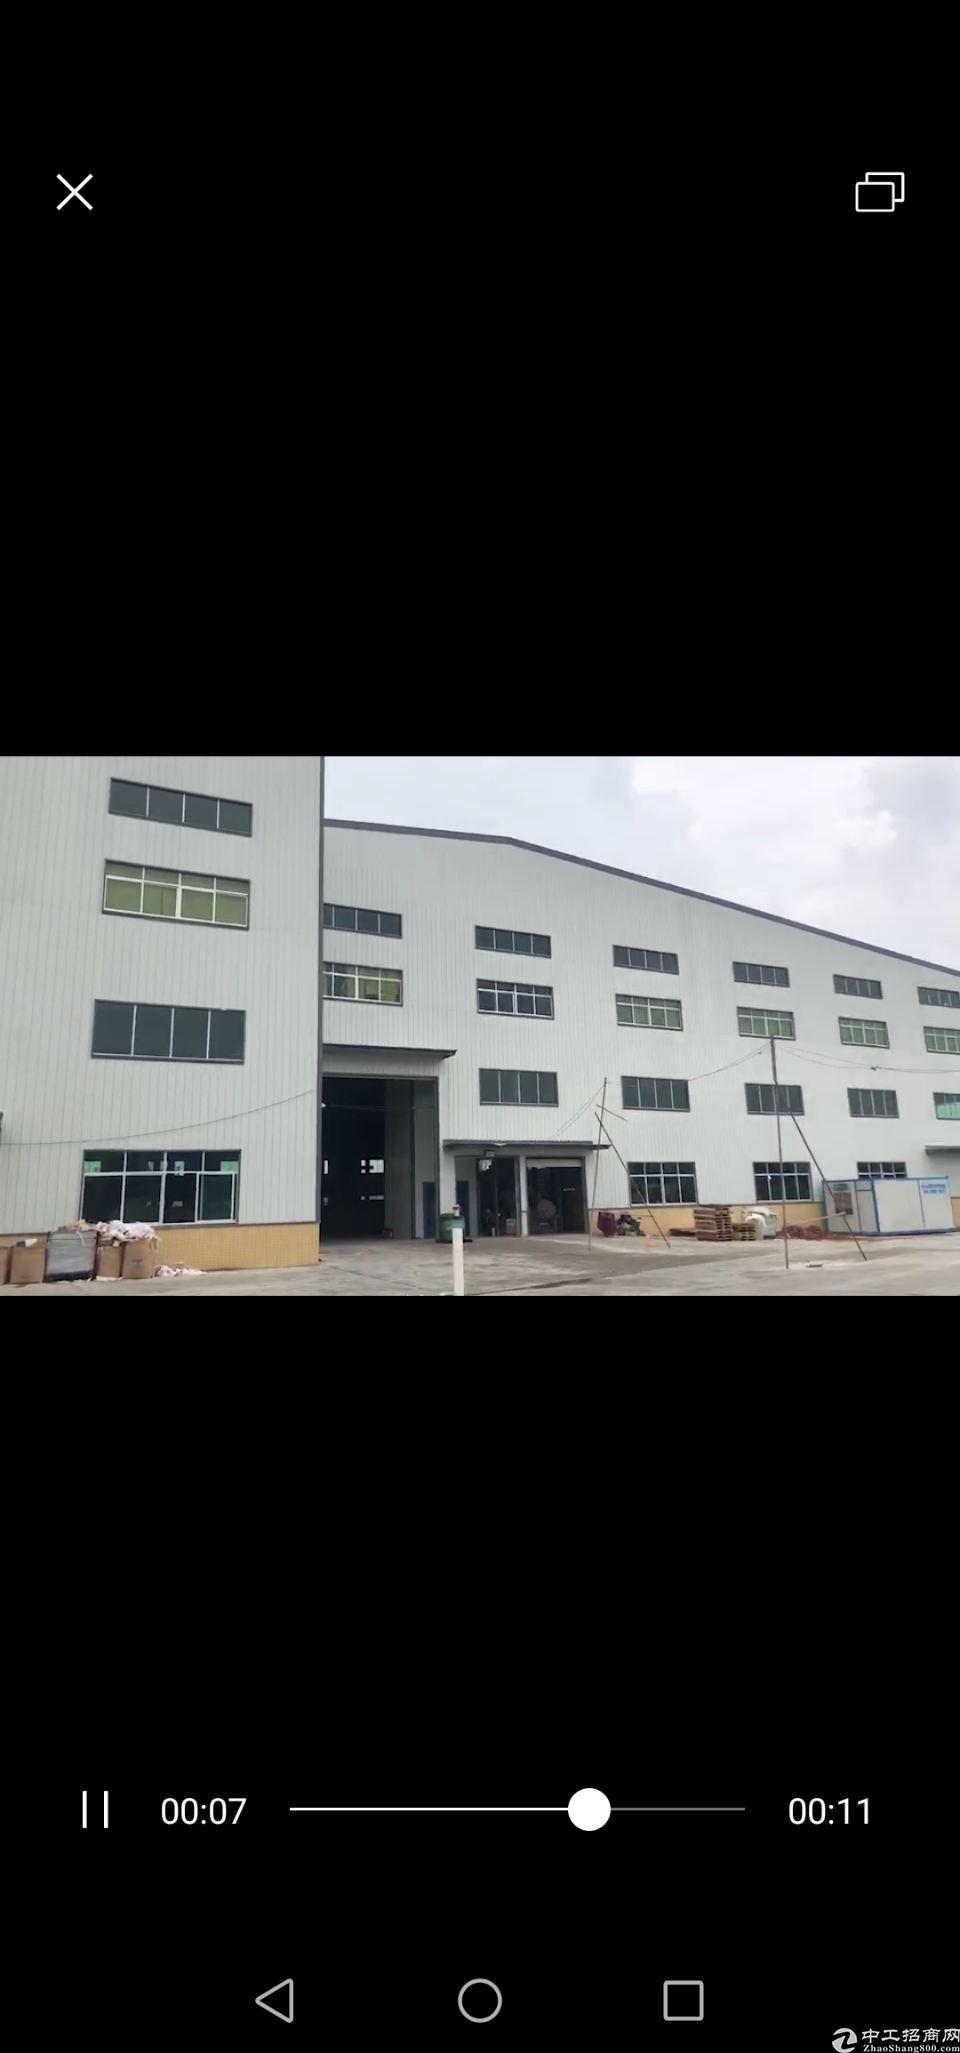 茶山镇高新科技产业园全新钢构两层厂房20500平米待租。 [